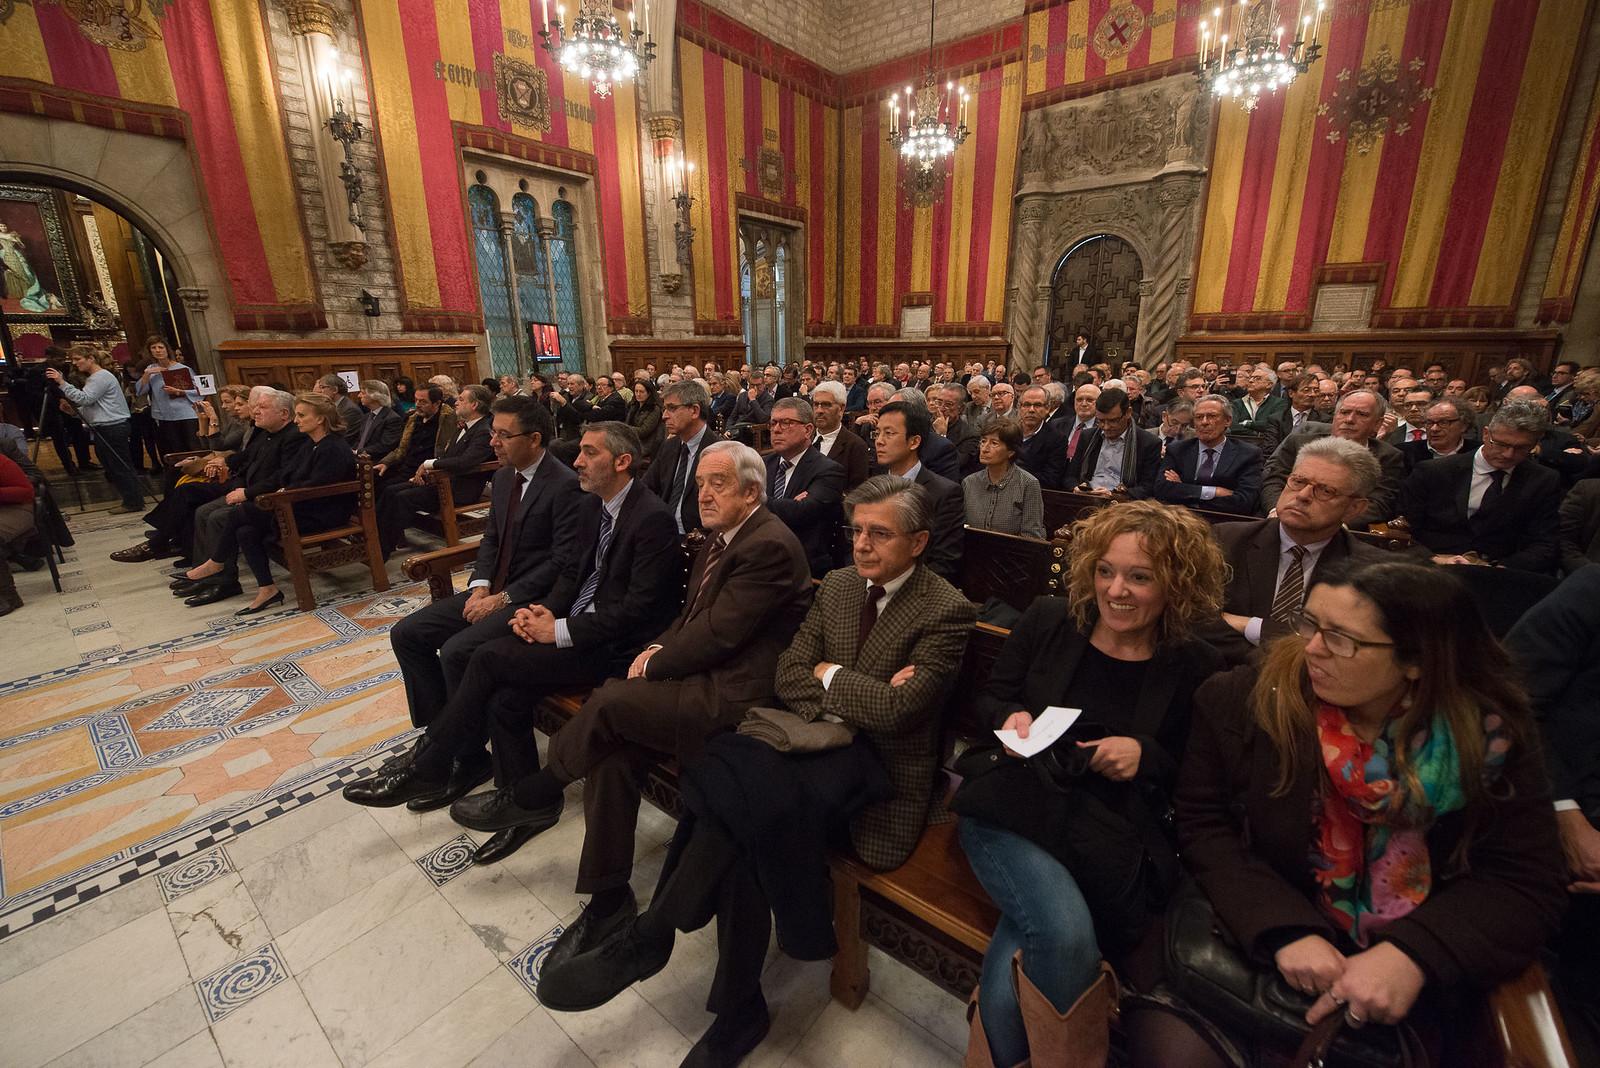 dv., 03/02/2017 - 11:12 - Presentació del 25è aniversari dels Jocs de Barcelona '92